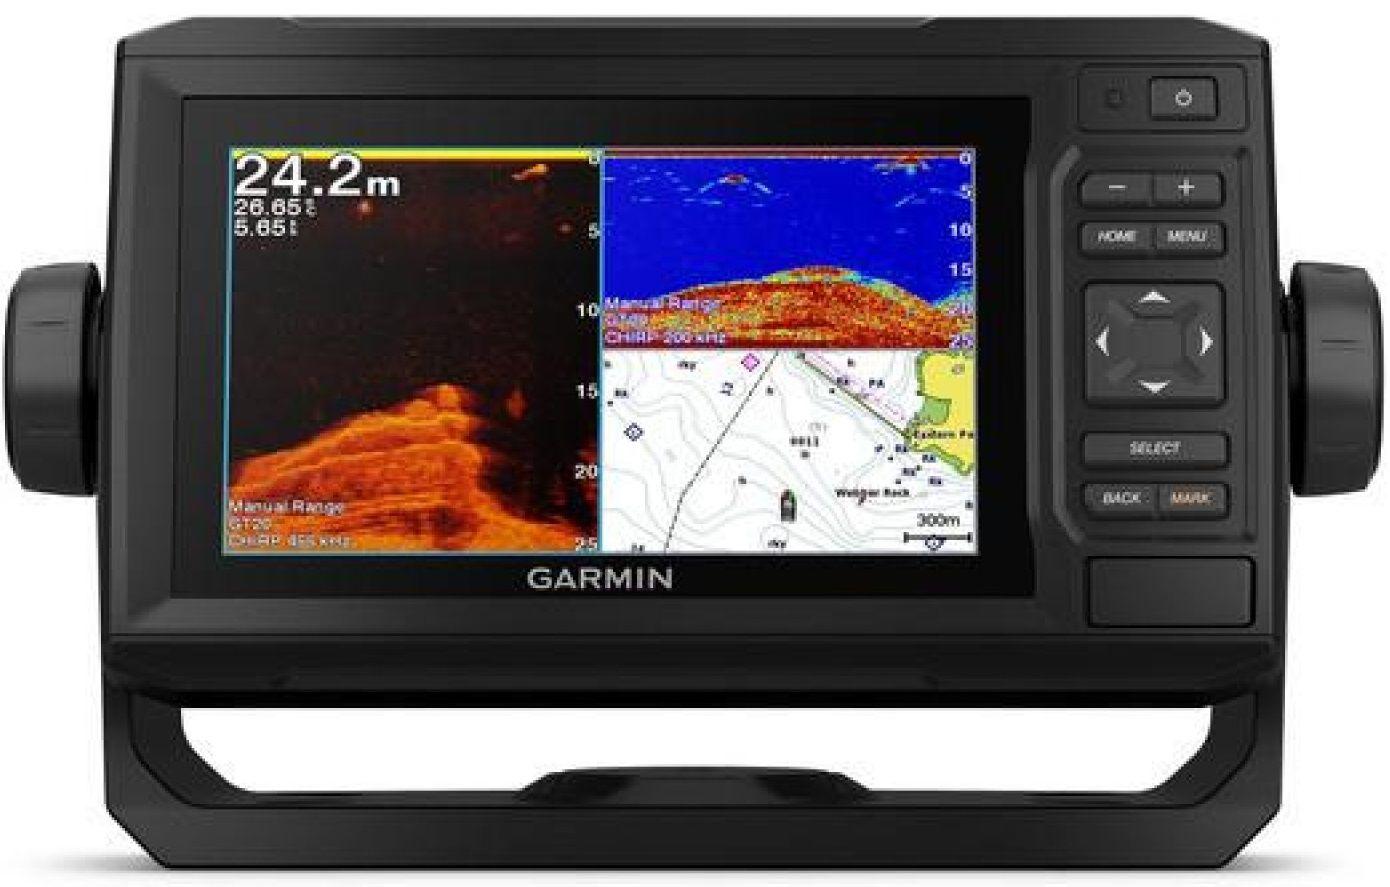 Gps Garmin Echomap 62cv Plus com Transdutor e Carta Náutica 010-01888-01